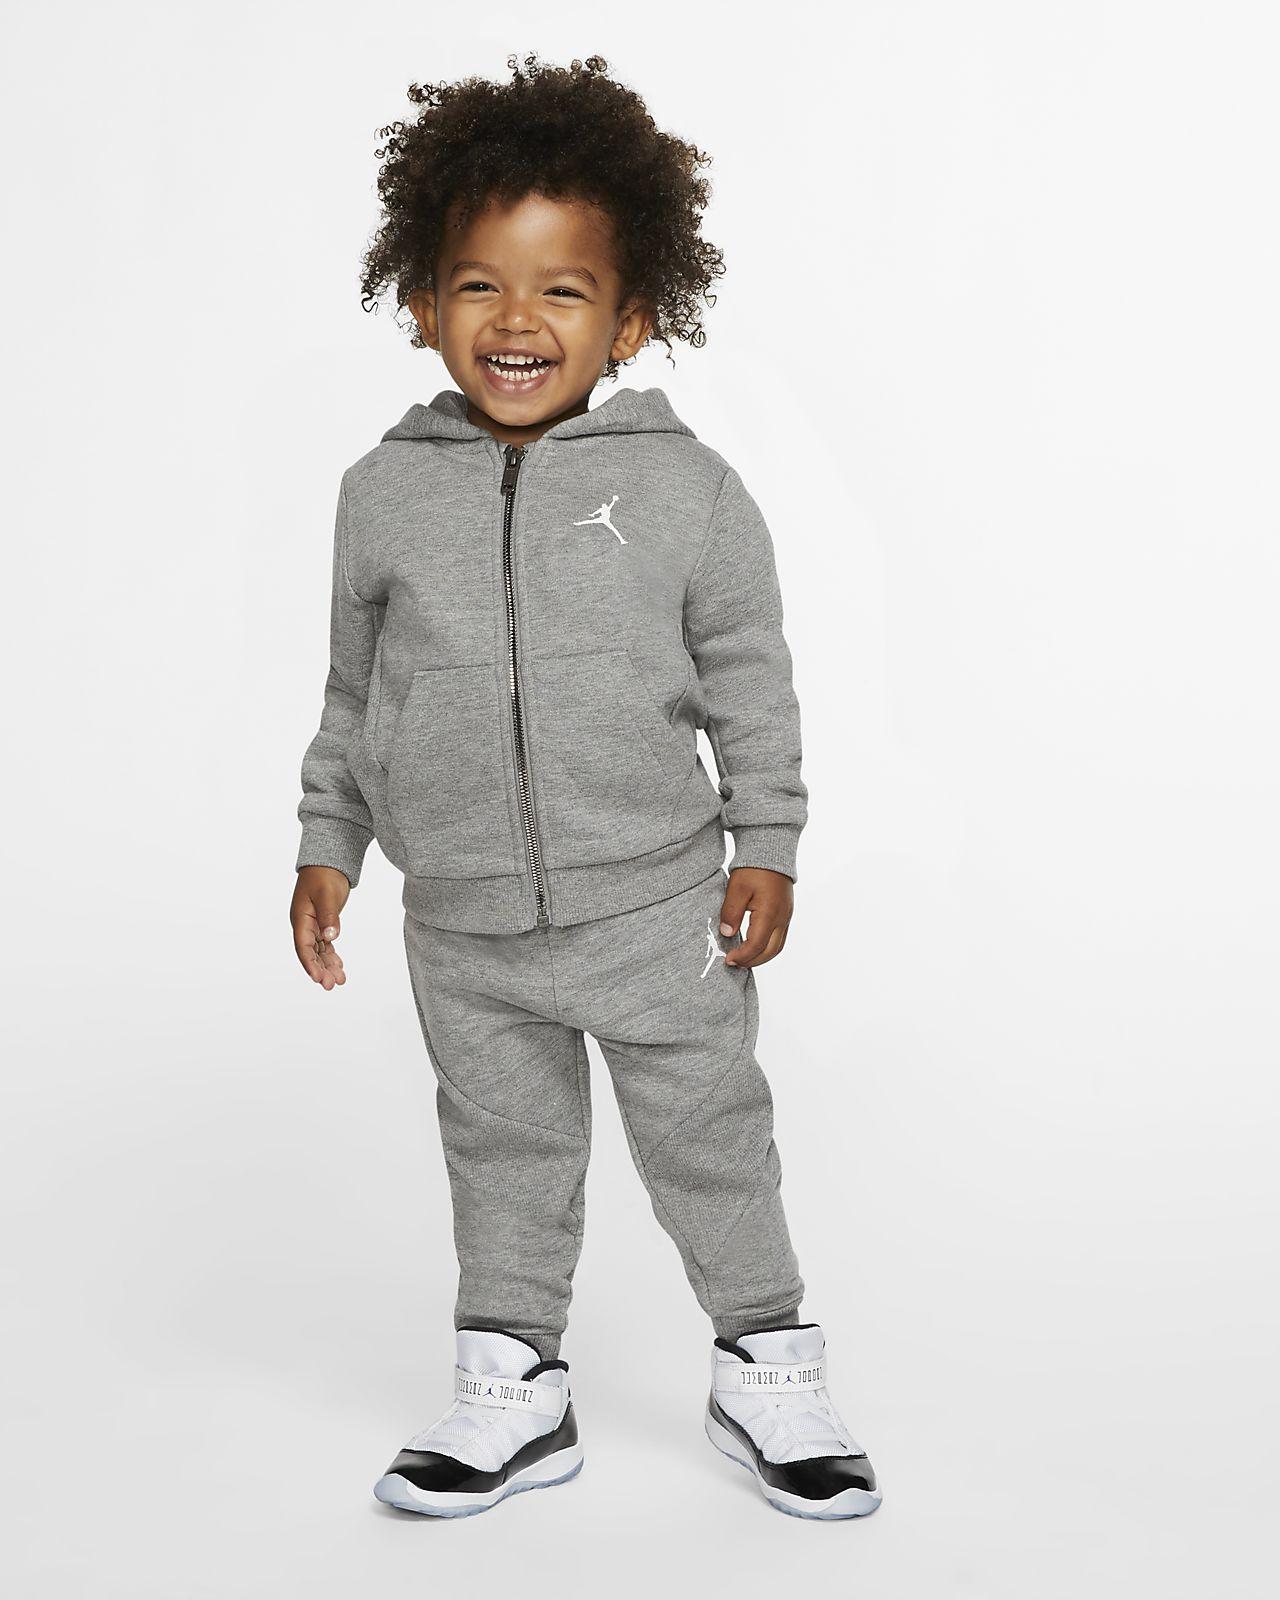 Μπλούζα με κουκούλα και παντελόνι φόρμας Jordan Jumpman για βρέφη (12-24Μ) (σετ 2 τεμαχίων)